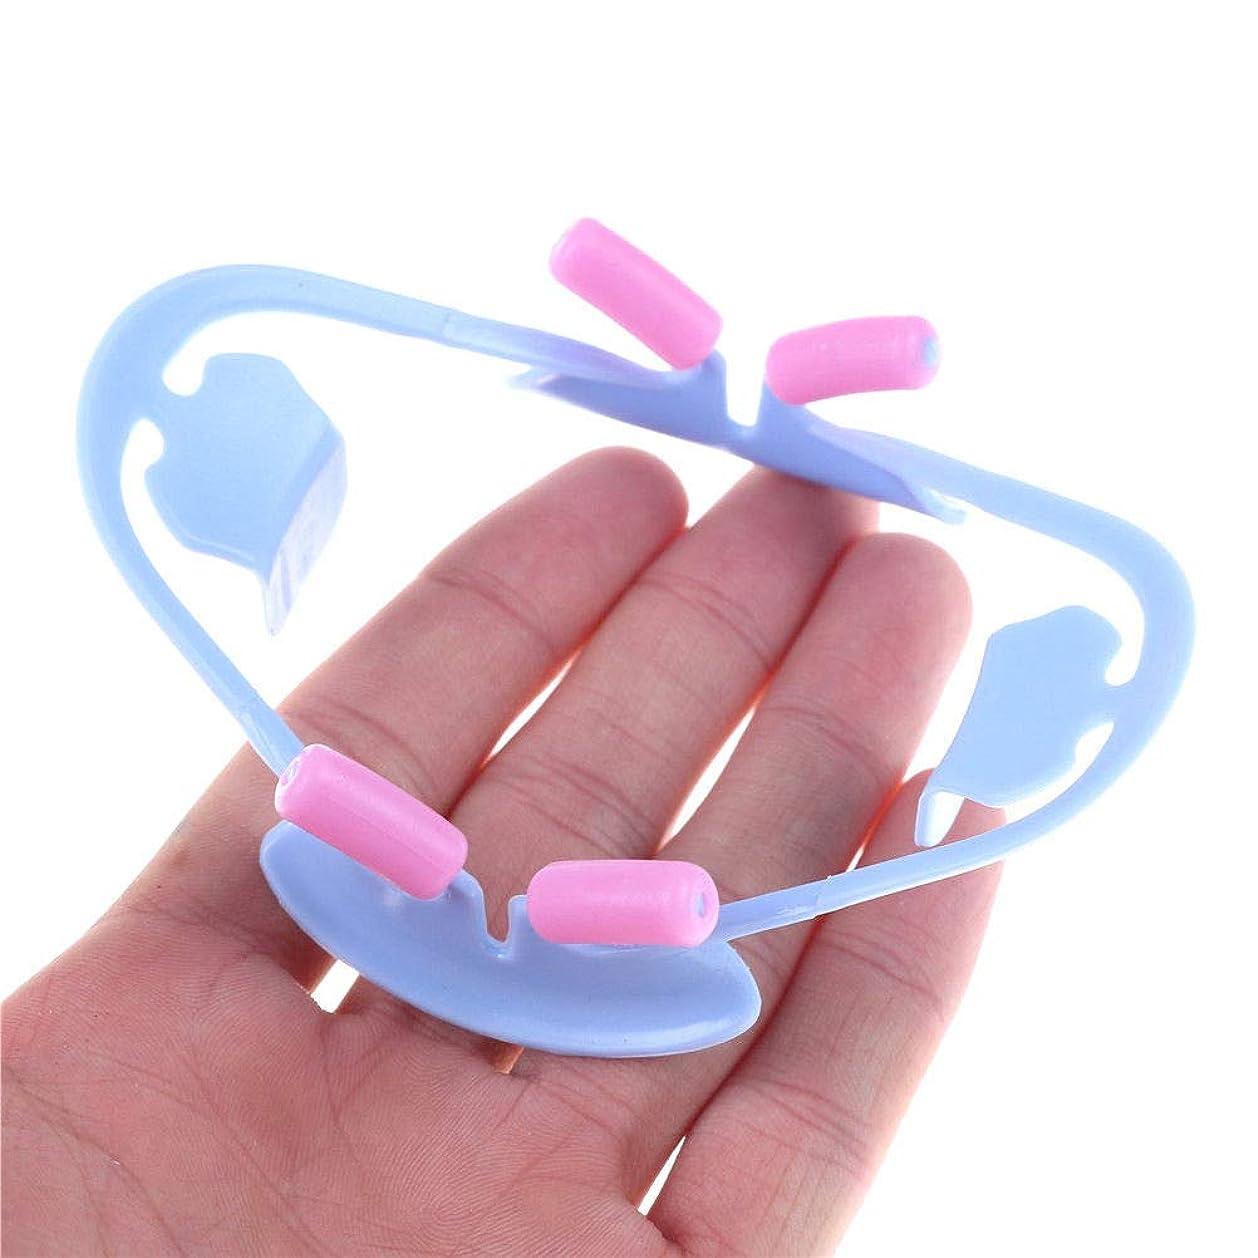 器官形成供給マウスオープナー リップリトラクター 歯科 開口器 3D 口腔ケア 矯正用 S/L (L-ブルー)